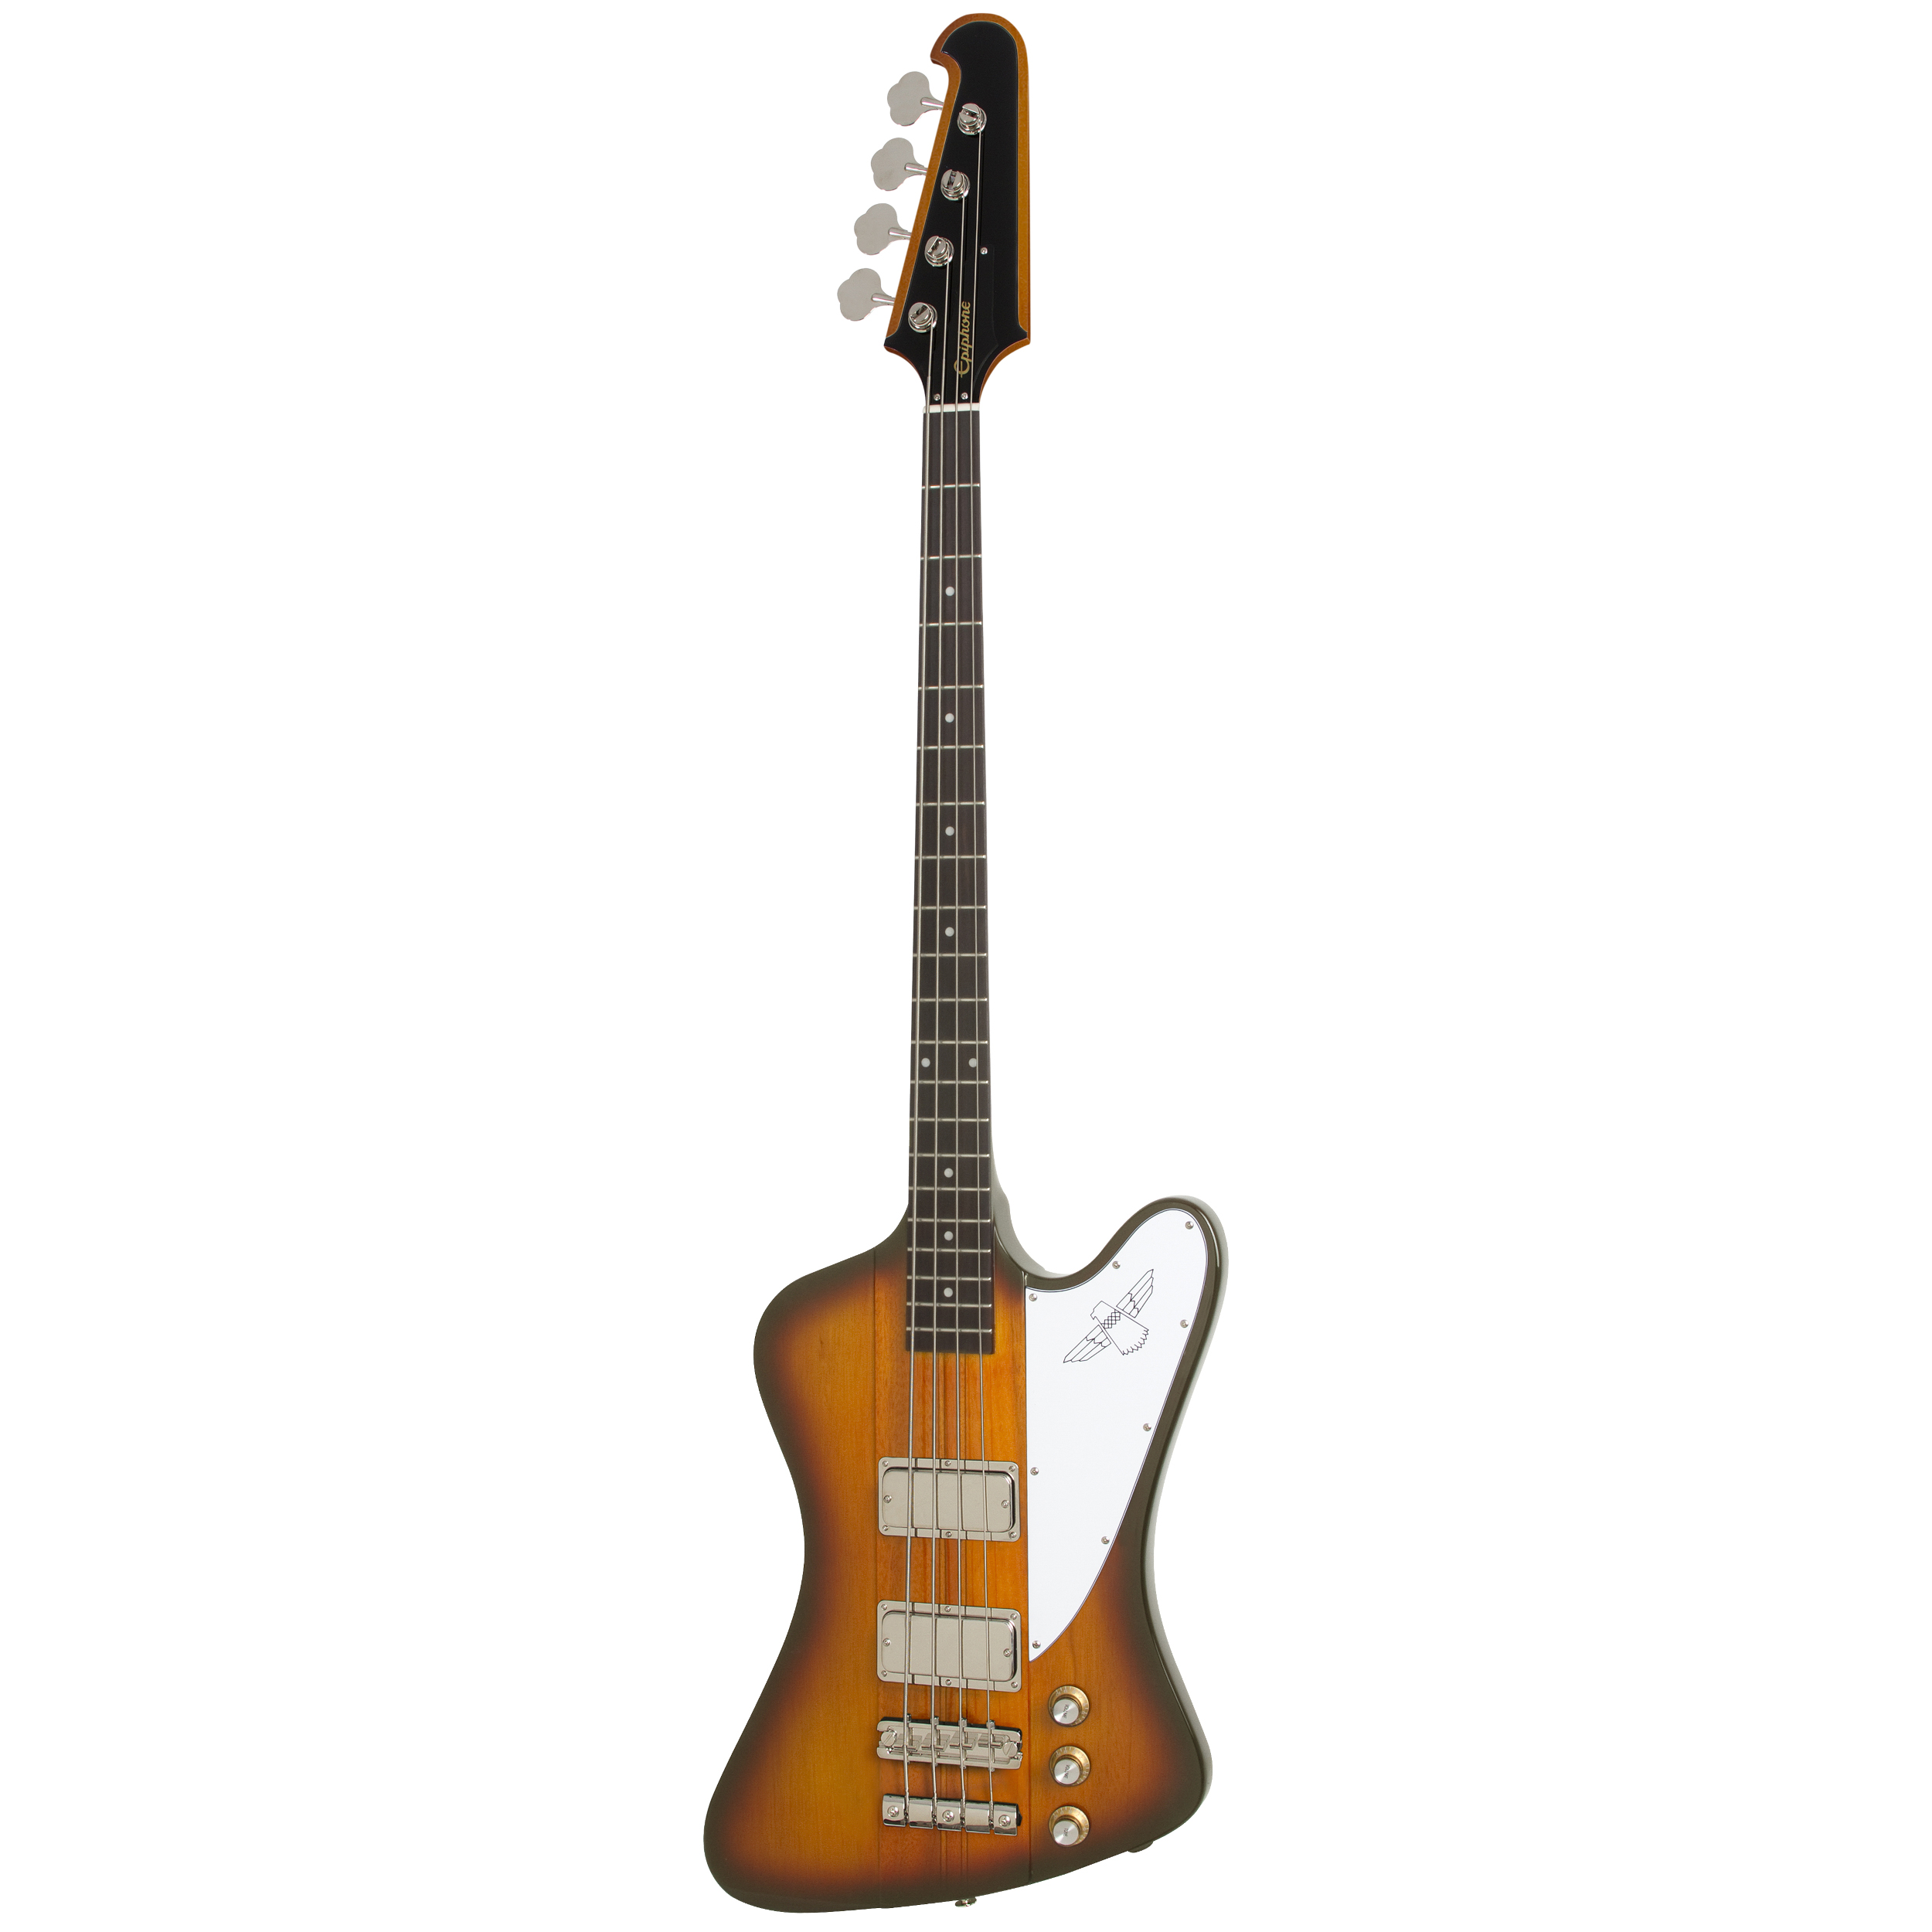 Epiphone Thunderbird Vintage PRO - Tobacco Sunburst Guitar